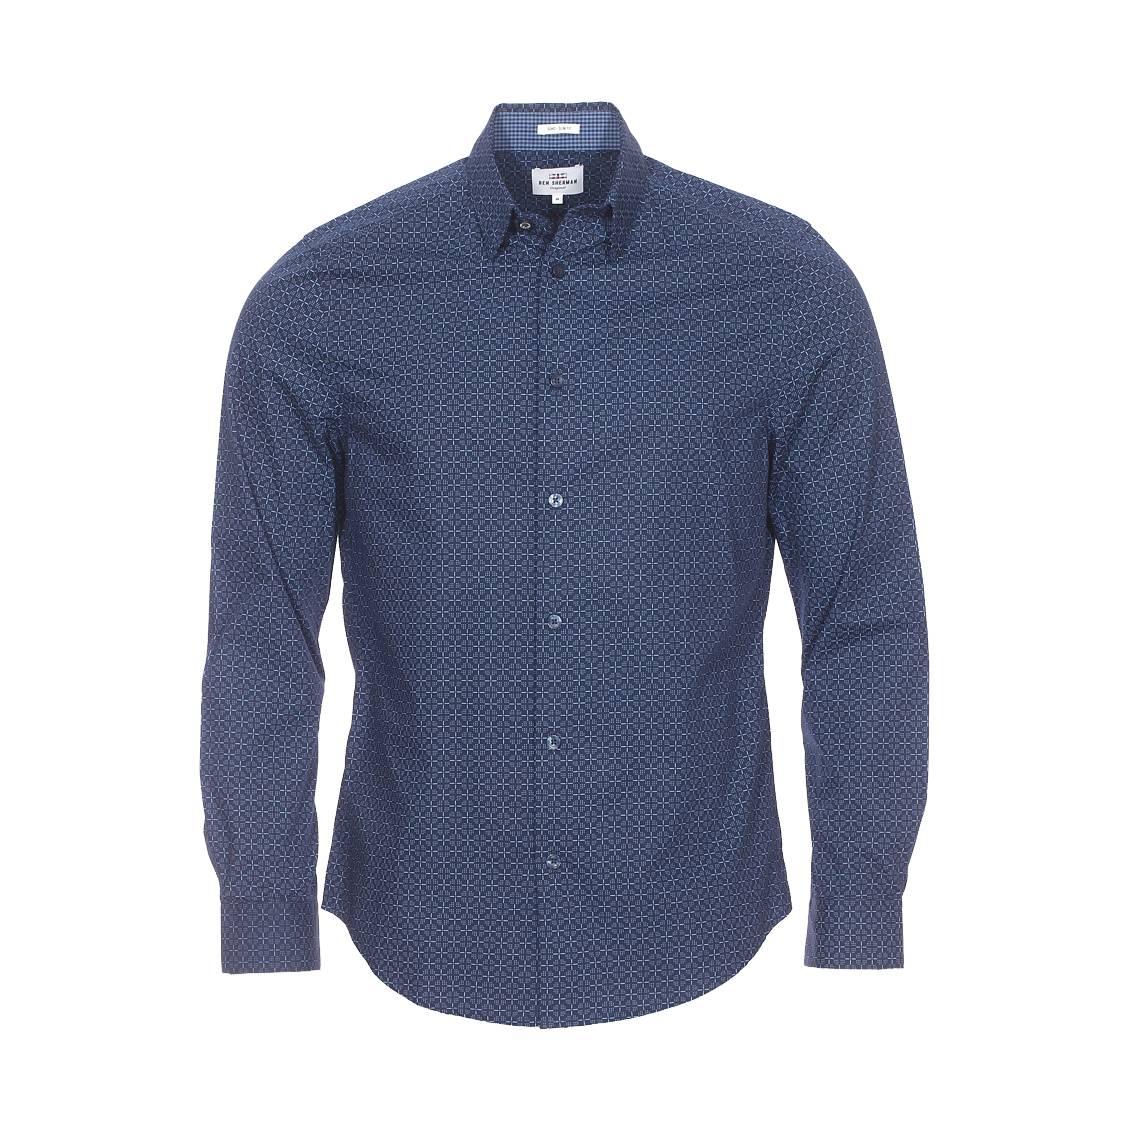 Chemise droite  en coton bleu marine à motifs bleu clair